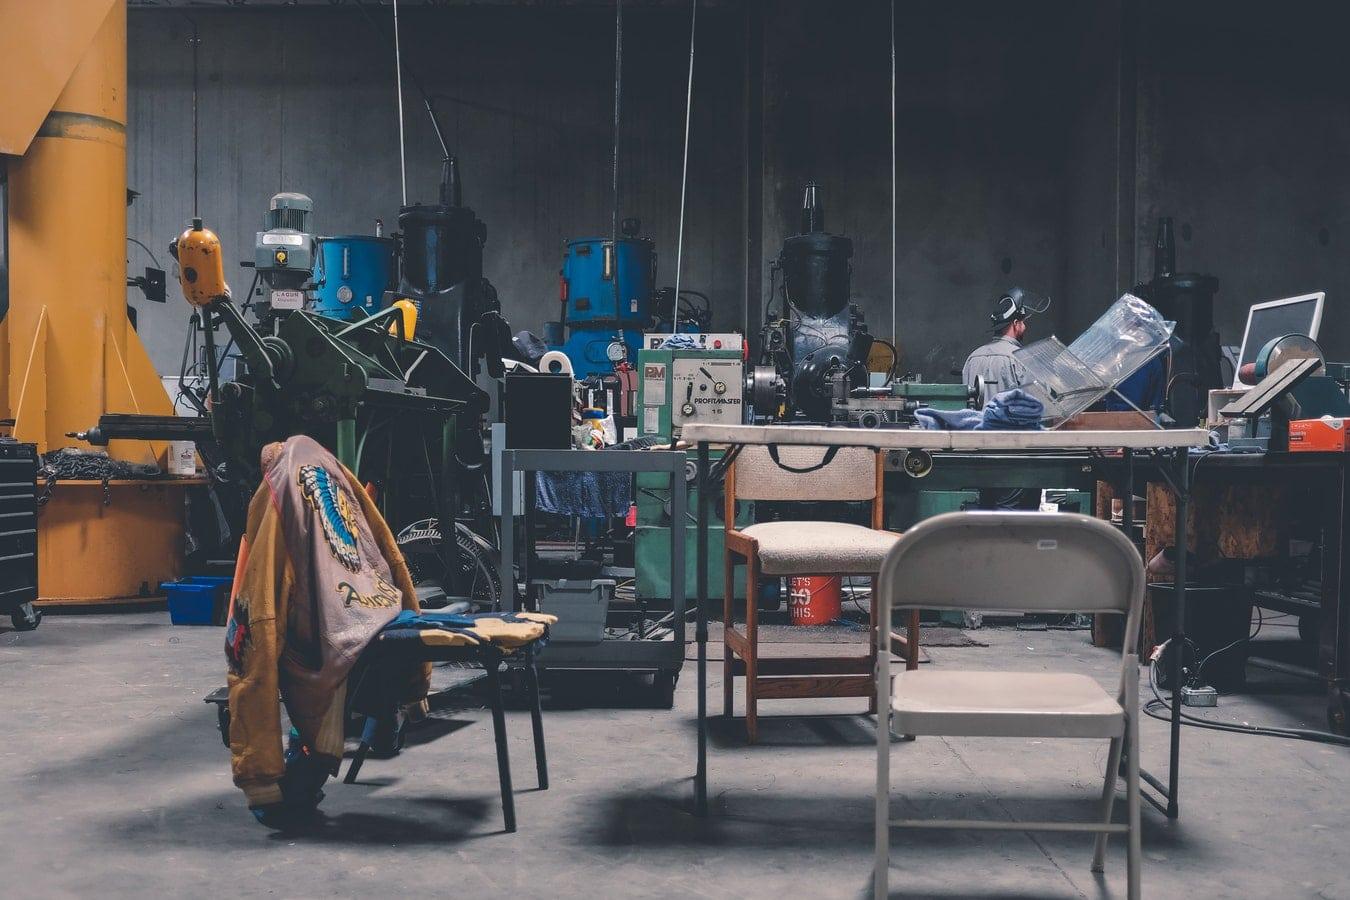 Atelier industriel rempli de machines de production et d'outils